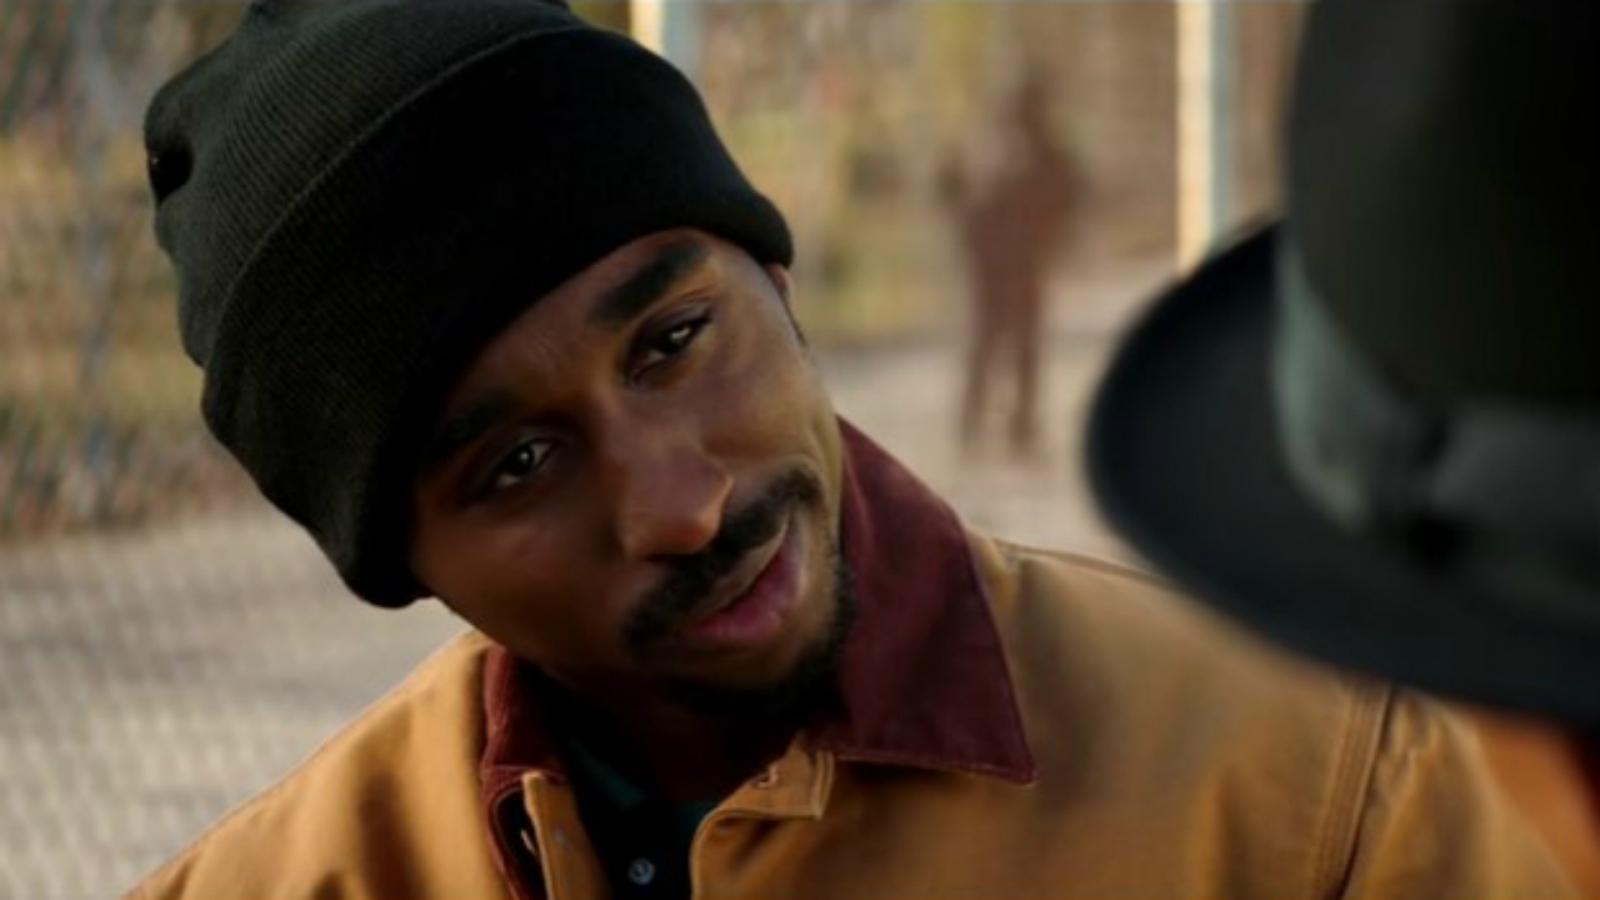 Tupac Shakur biopic